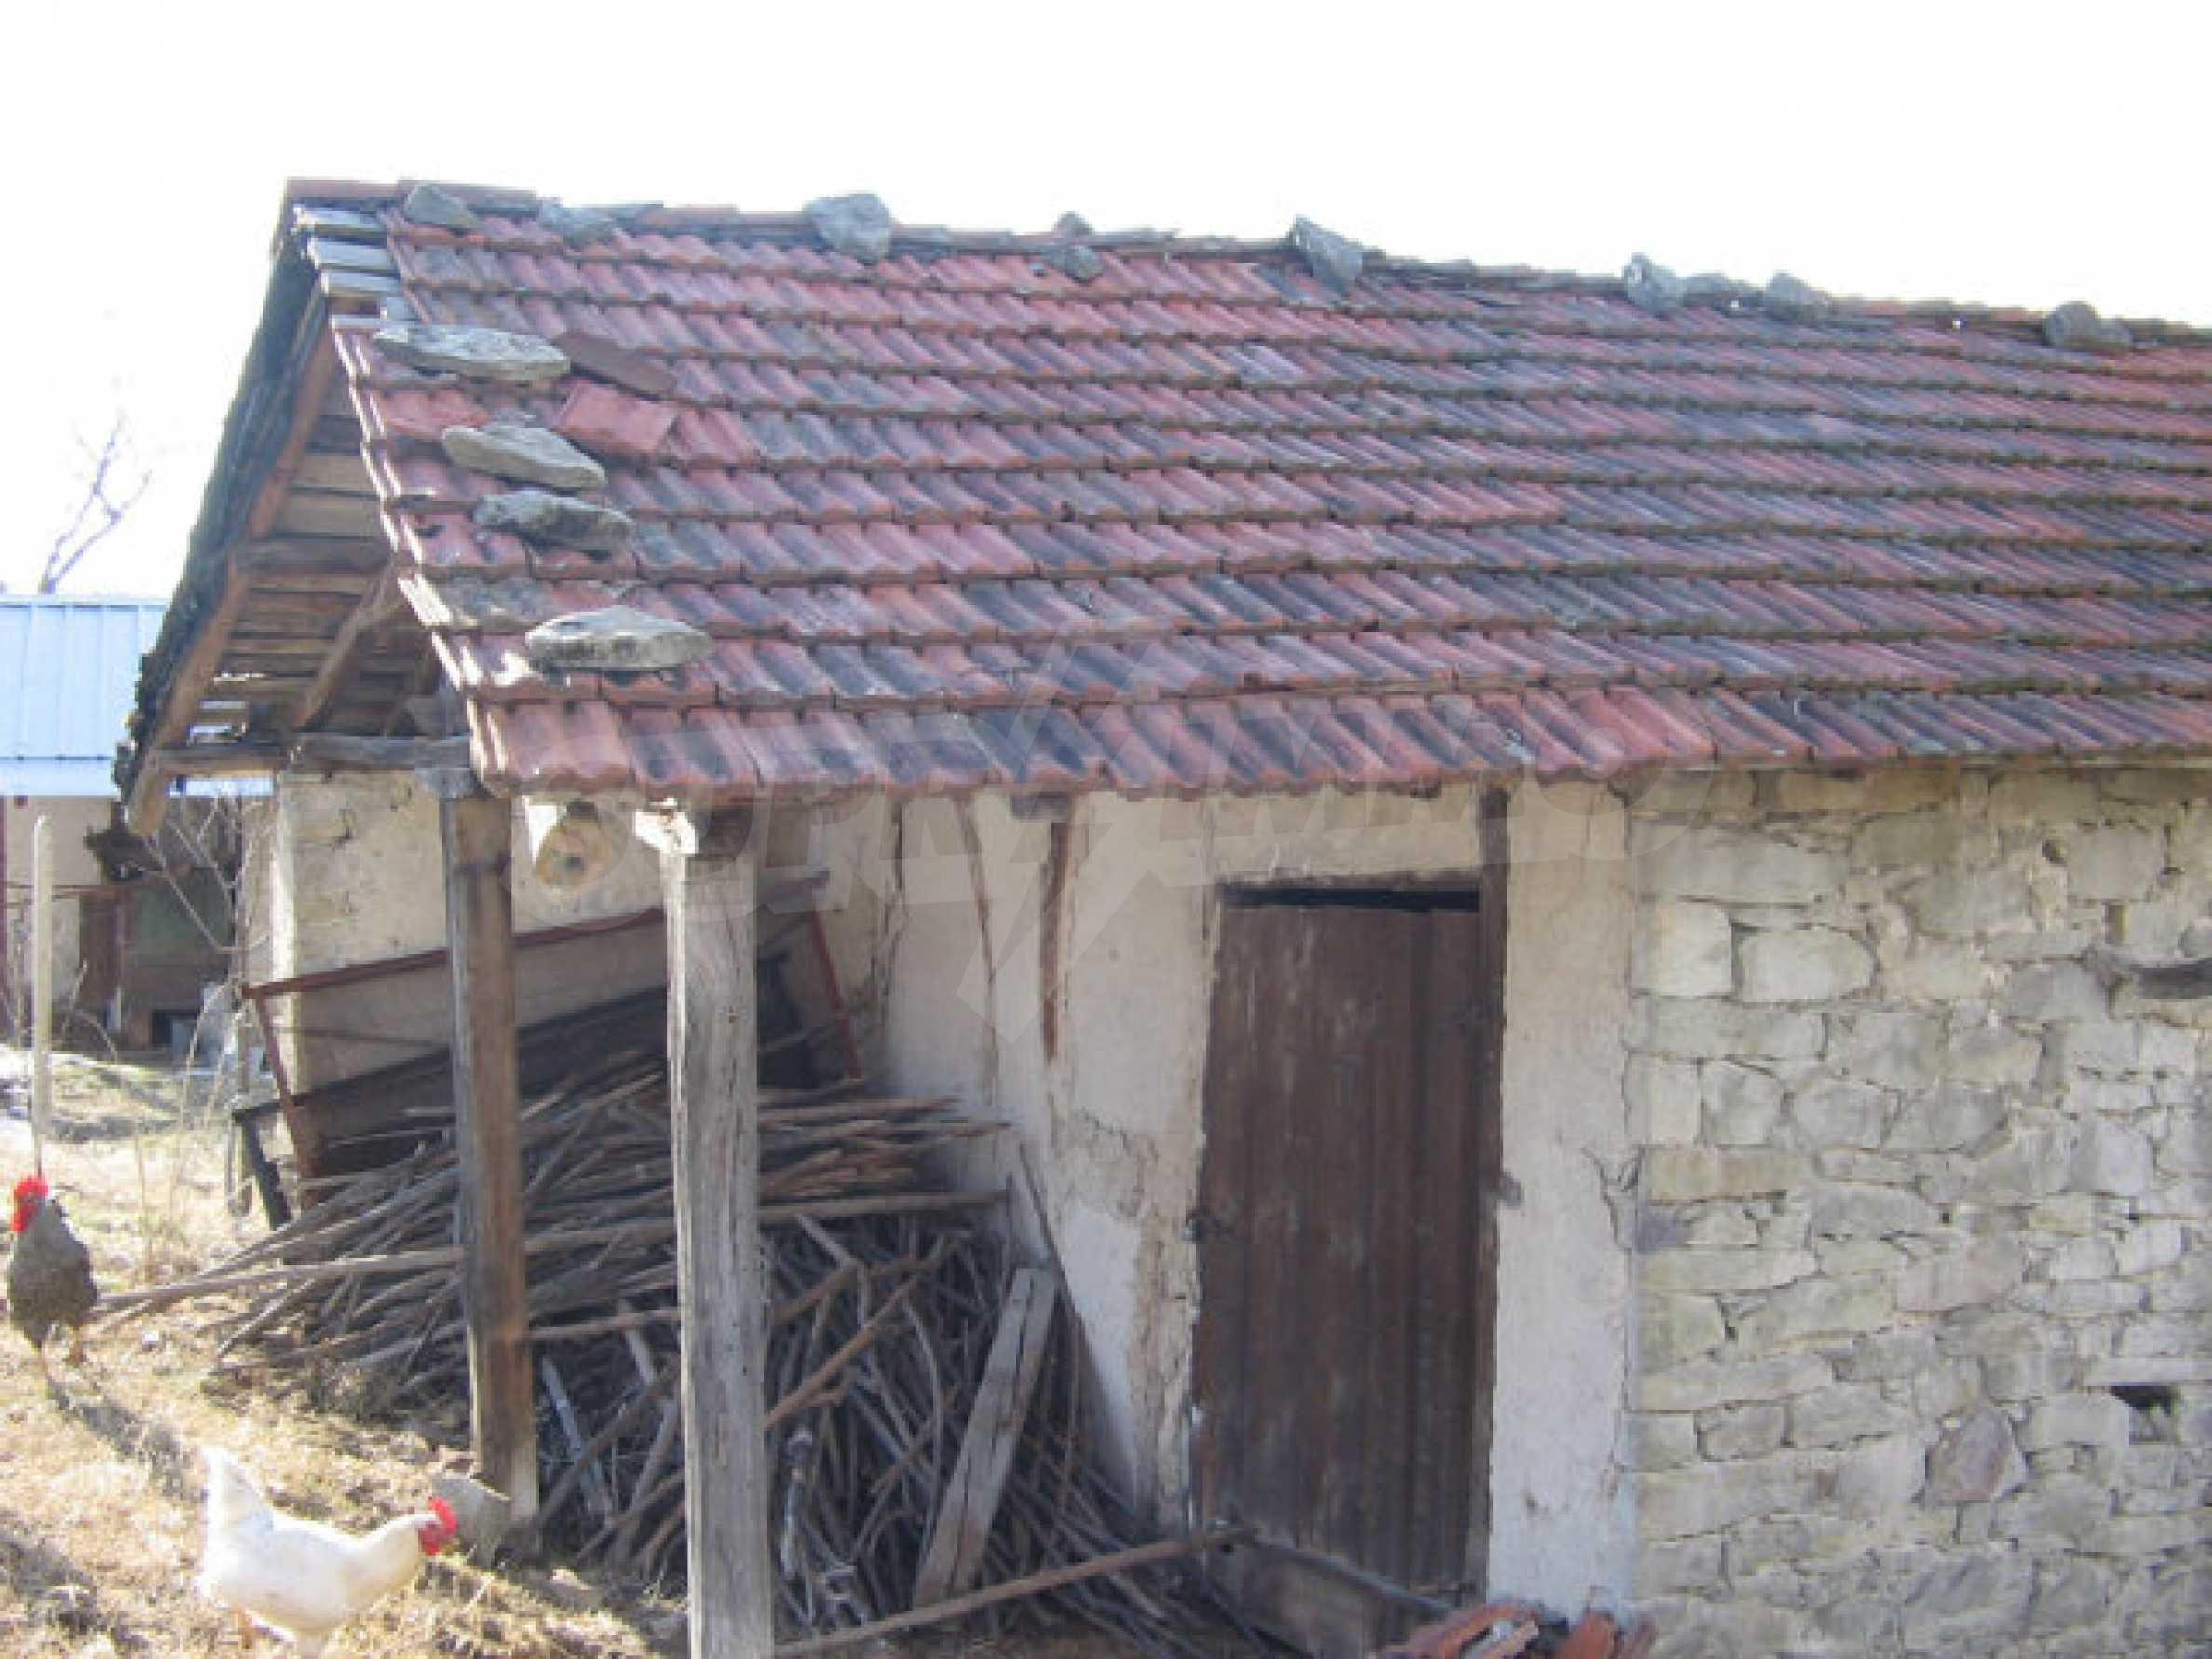 Ein Grundstück zum Verkauf in einem Dorf 32 km von Kardjali entfernt 2